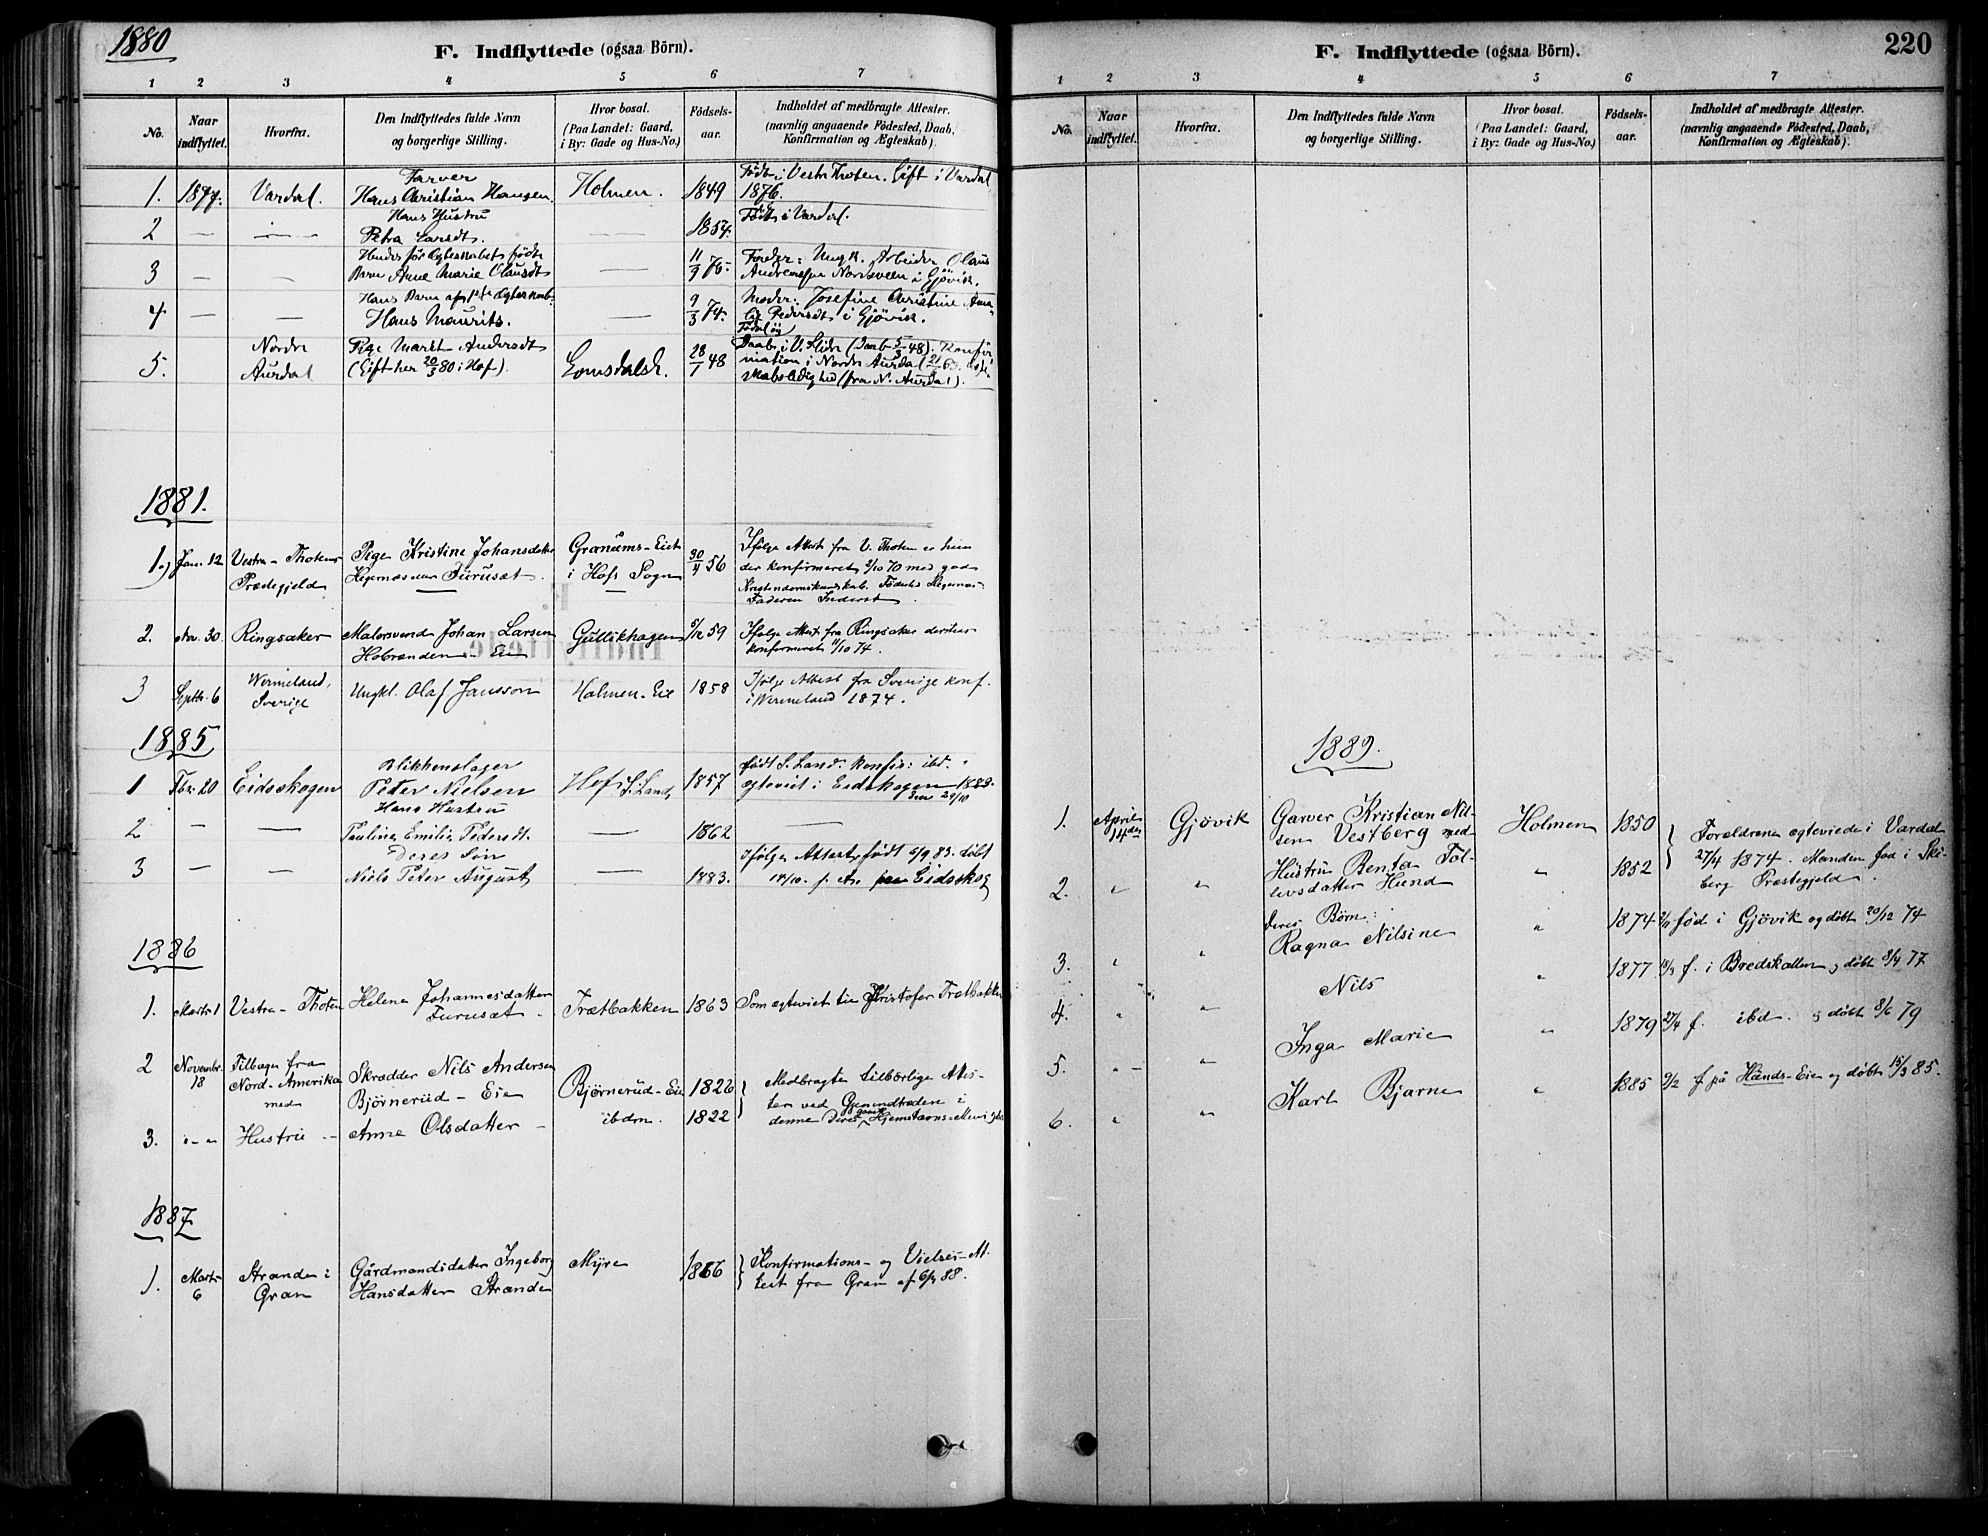 SAH, Søndre Land prestekontor, K/L0003: Ministerialbok nr. 3, 1878-1894, s. 220